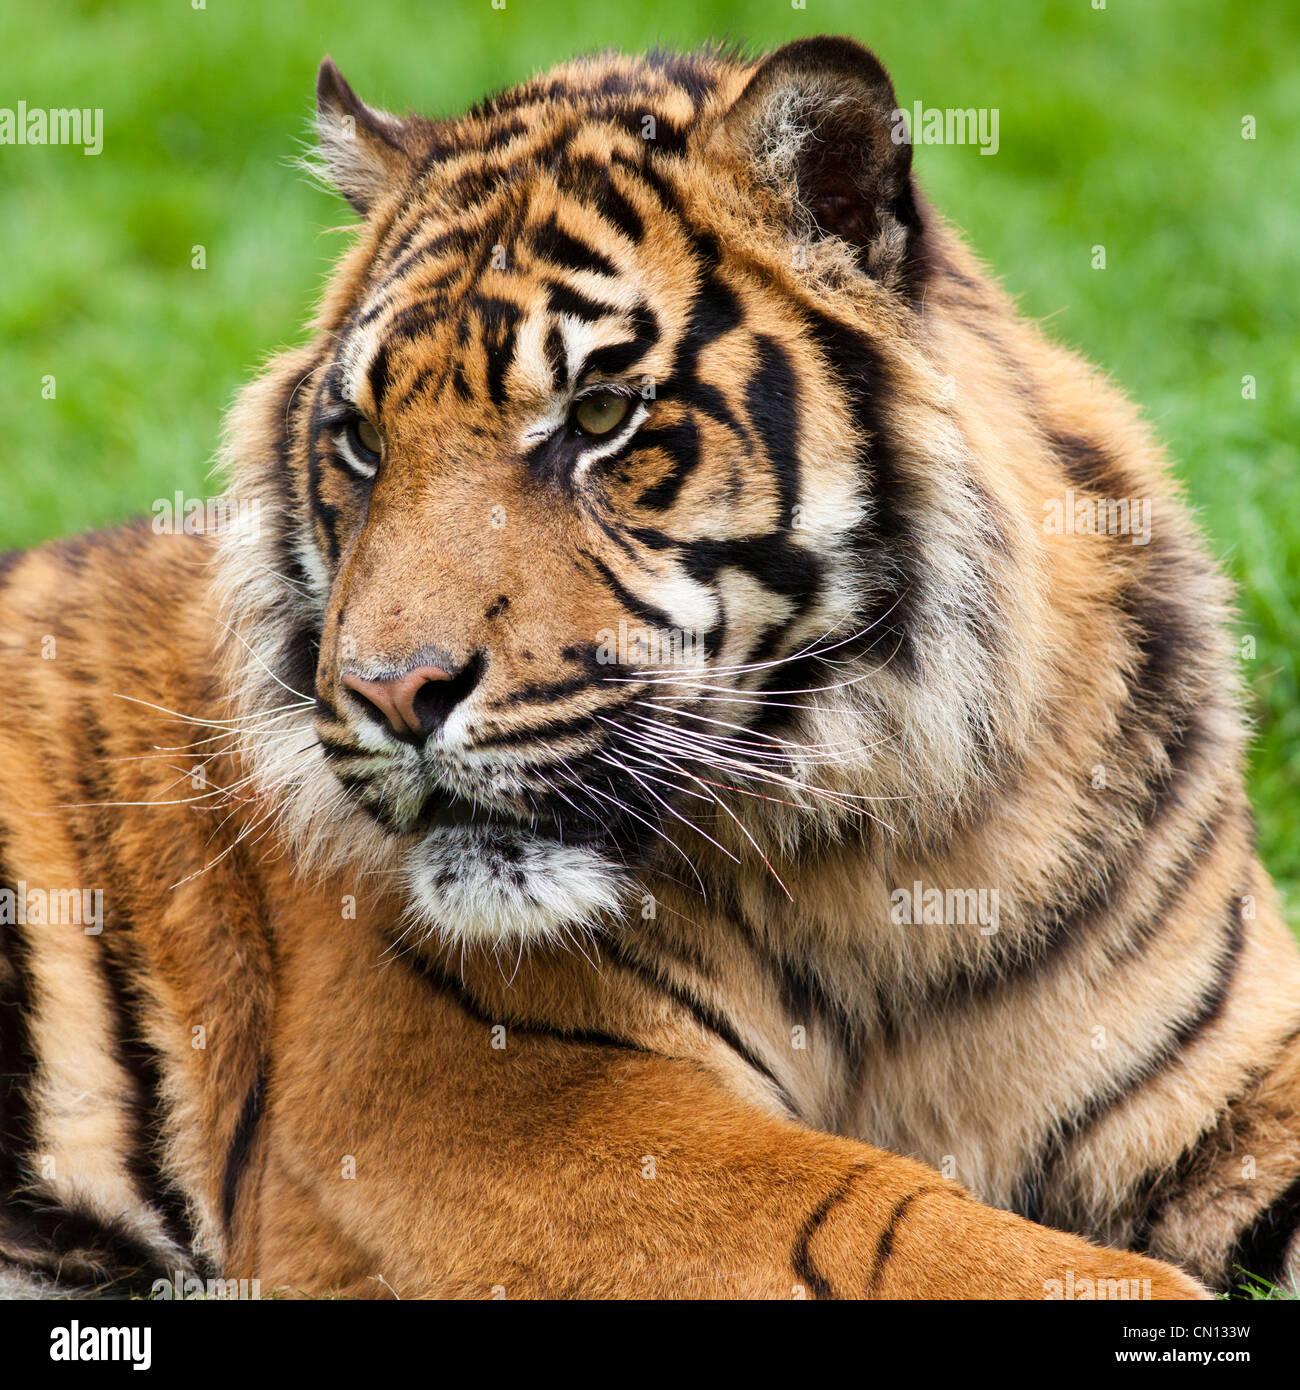 - El tigre (Panthera tigris) - Cerrar en vertical Imagen De Stock